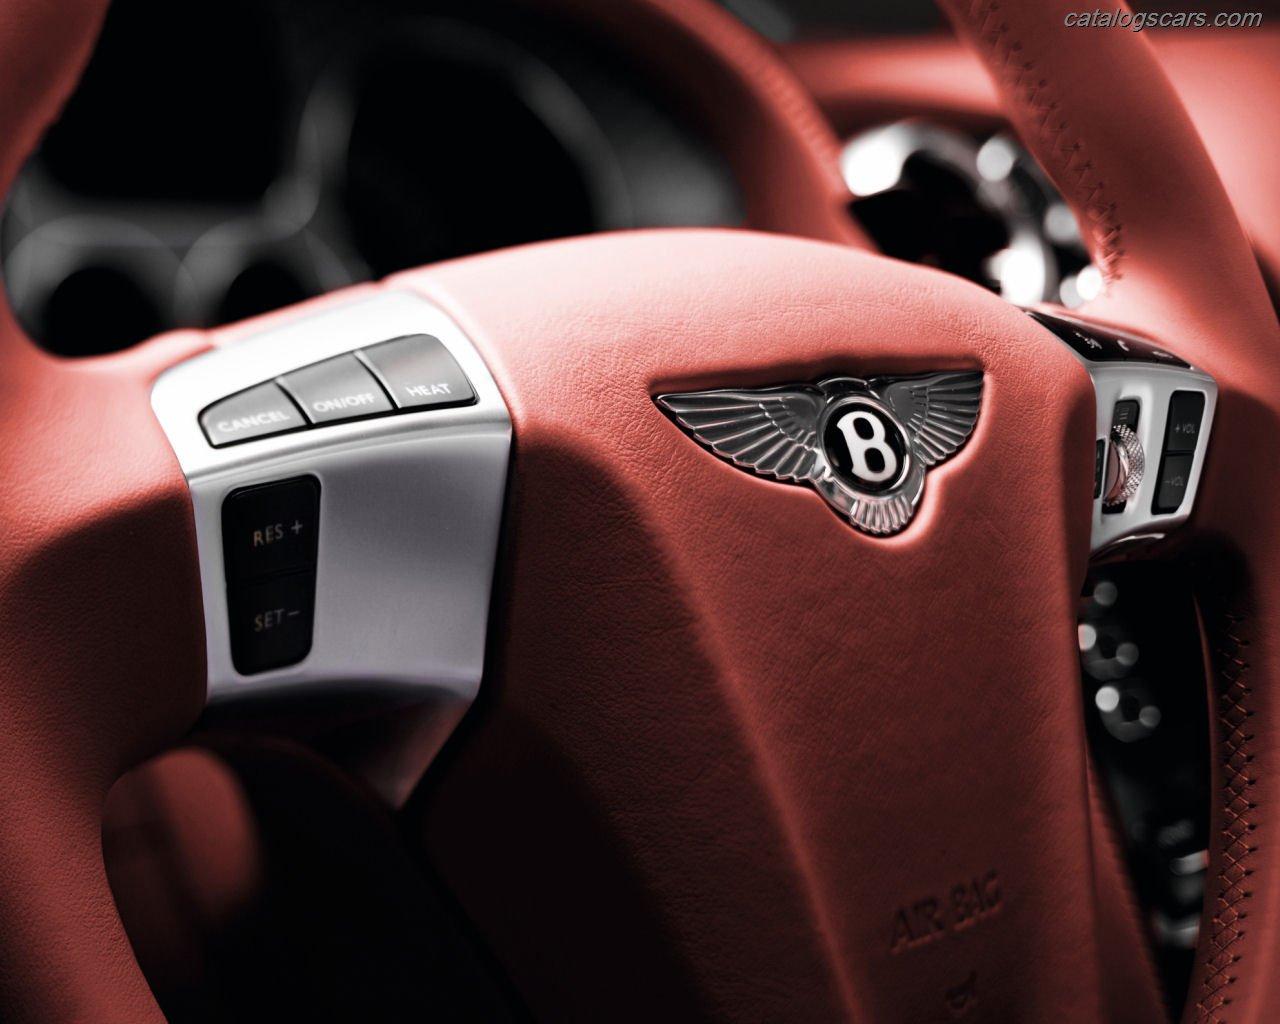 صور سيارة بنتلى كونتيننتال جى تى سى سبيد 2014 - اجمل خلفيات صور عربية بنتلى كونتيننتال جى تى سى سبيد 2014 - Bentley Continental Gtc Speed Photos Bentley-Continental-Gtc-Speed-2011-09.jpg